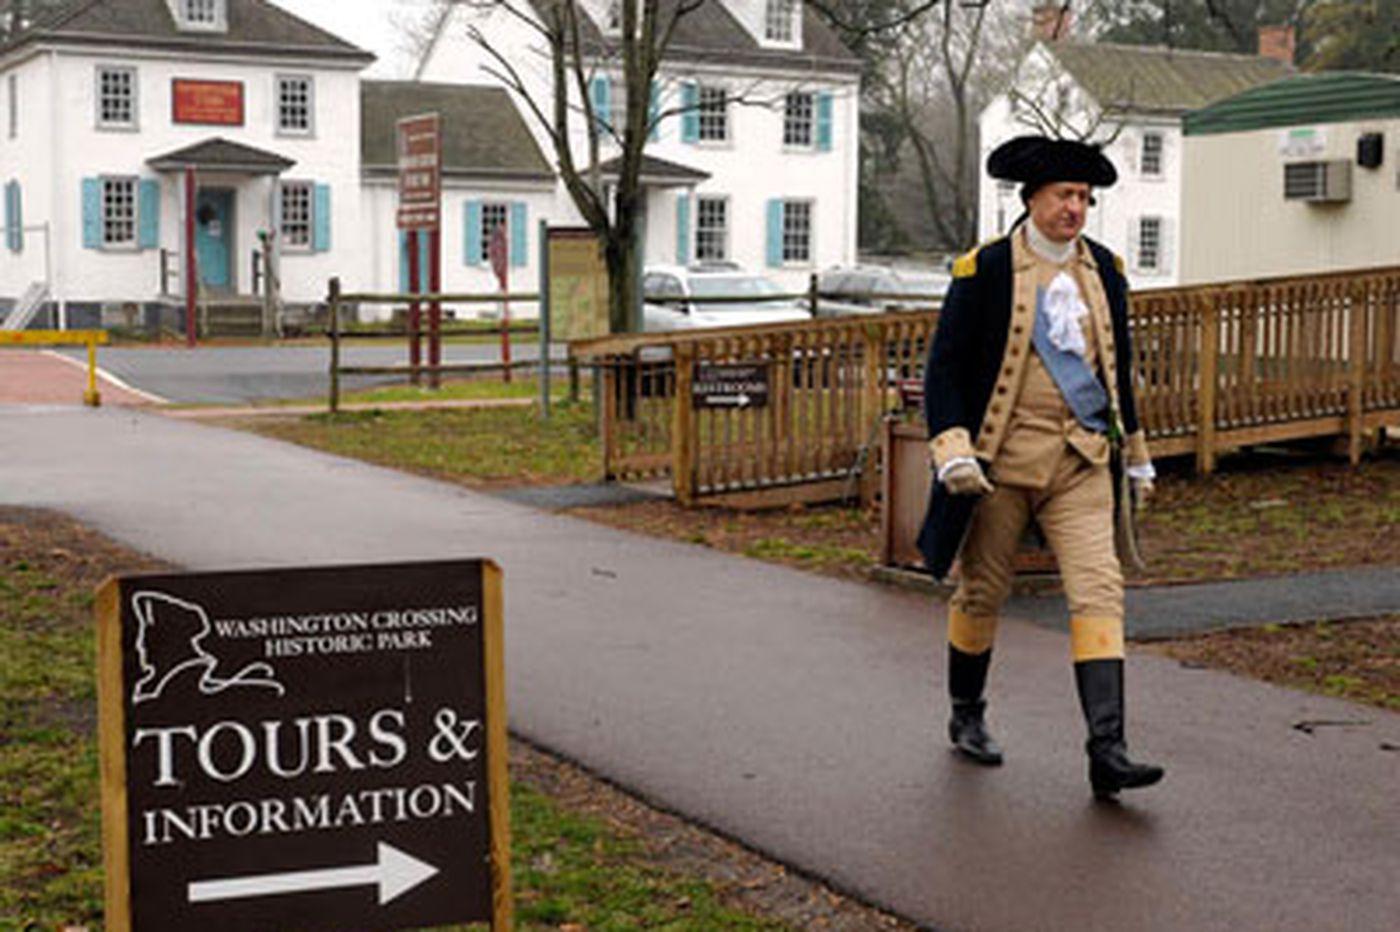 Older historic sites in danger, historians say